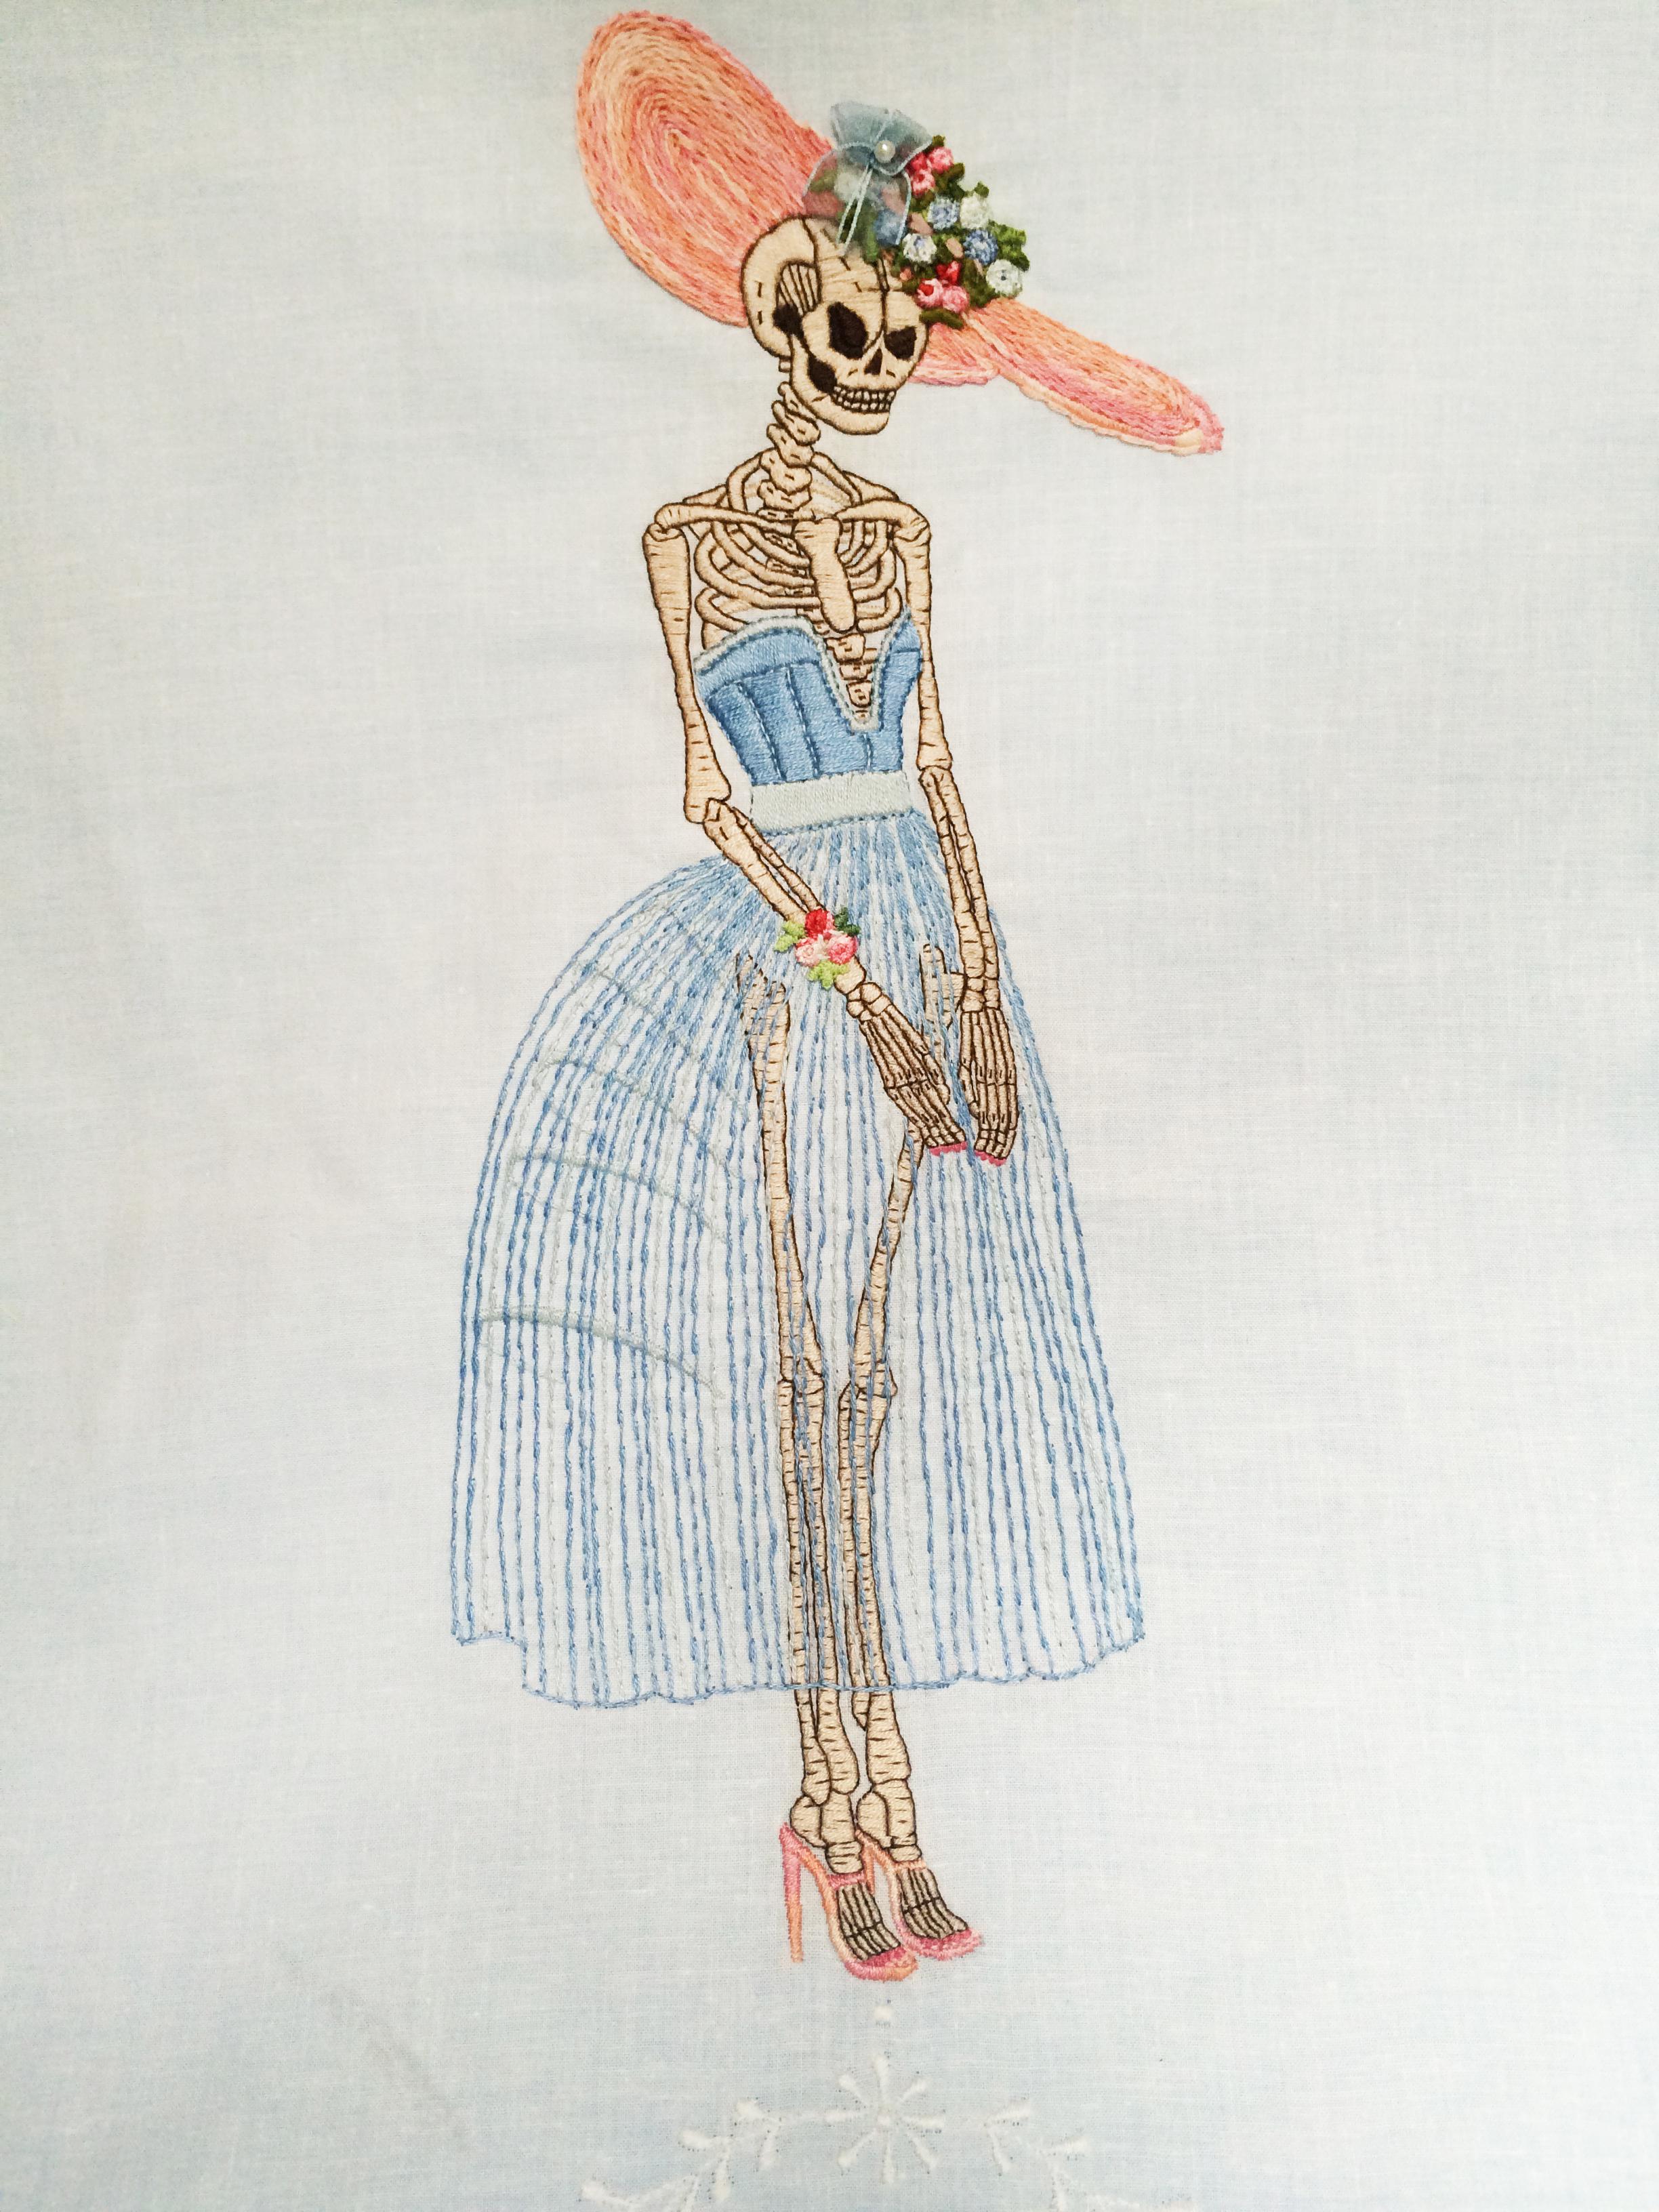 """Skeleton,   Embroidered Illustration on Vintage Lace. 20""""x15""""  . 2015."""